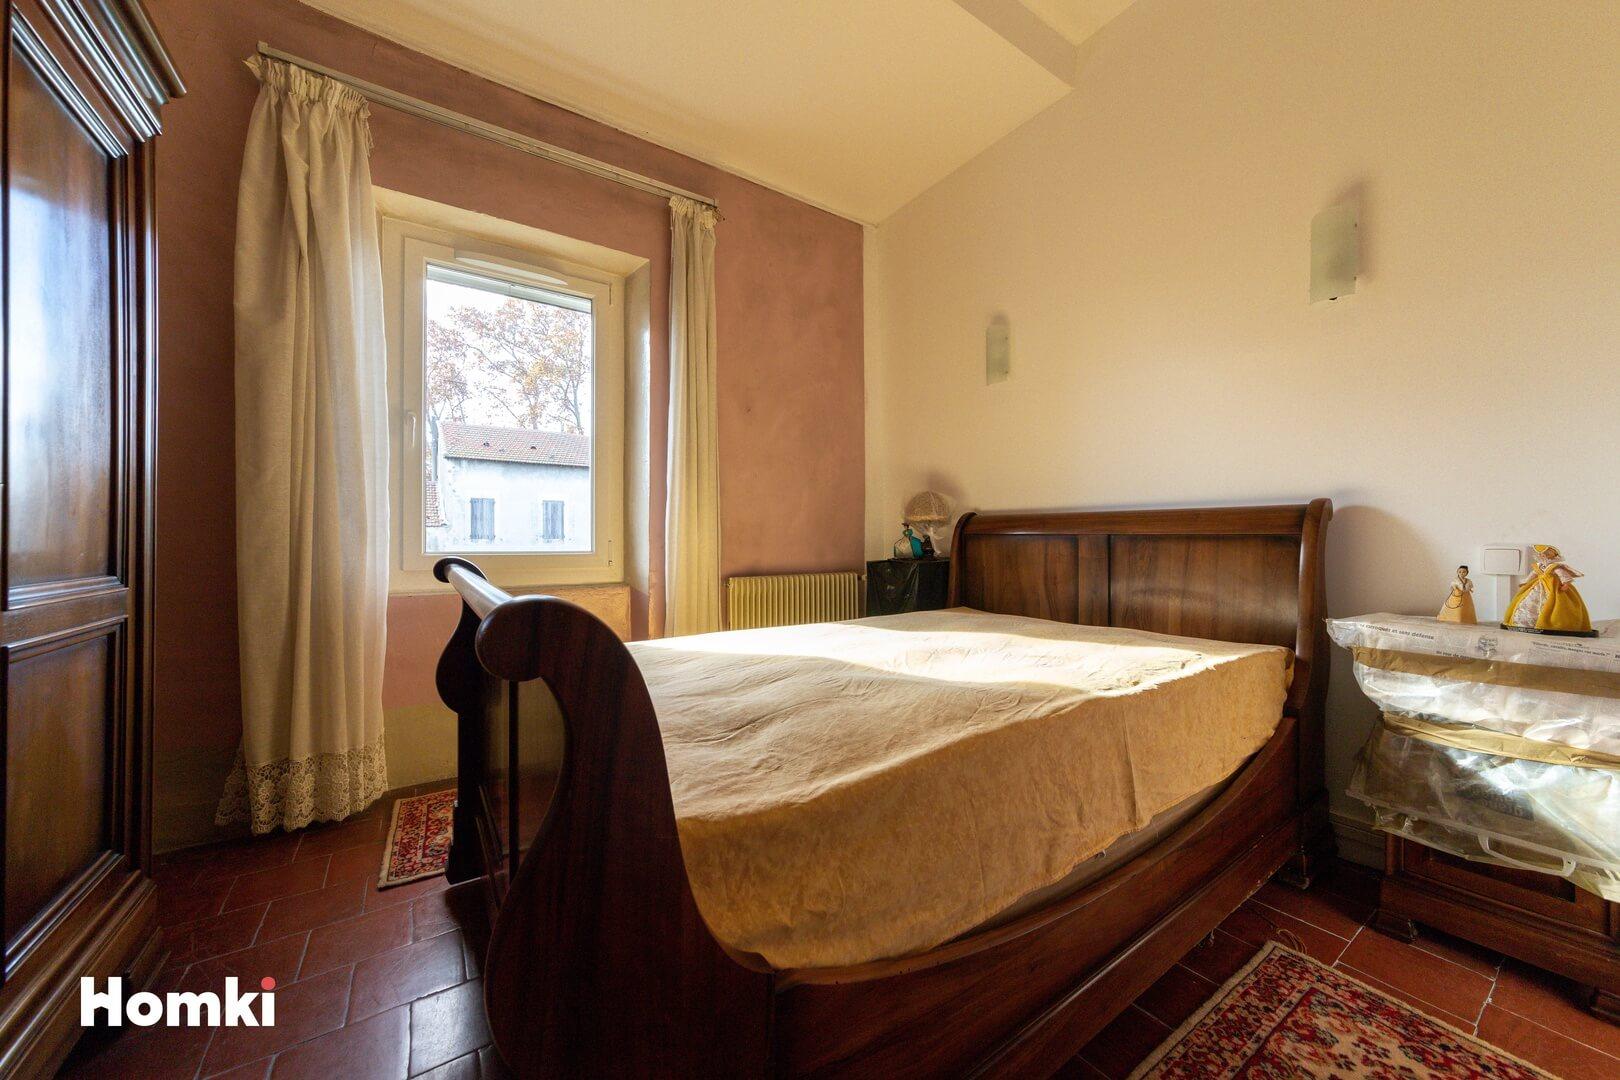 Homki - Vente Maison/villa  de 78.0 m² à Avignon 84000